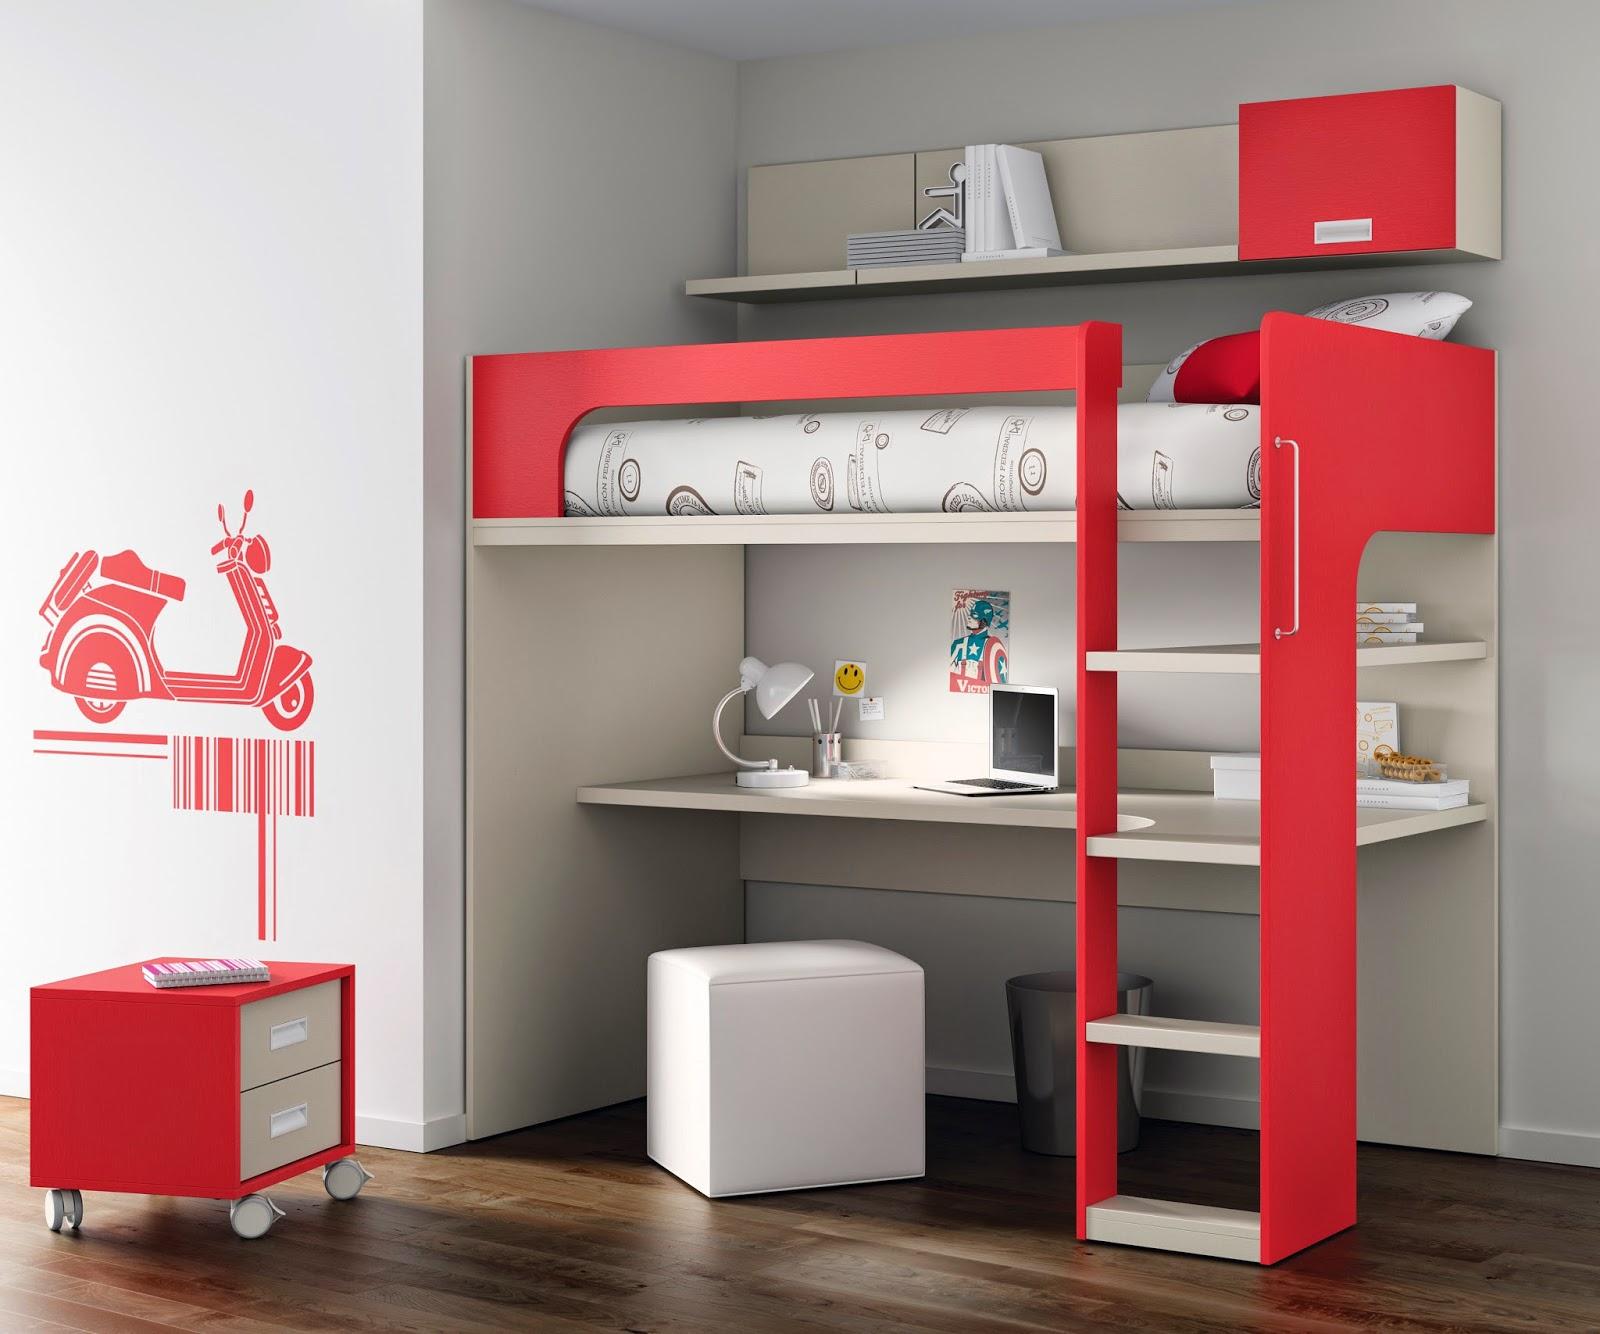 La habitaci n de un adolescente es m s que un dormitorio - Literas con escritorio abajo ...